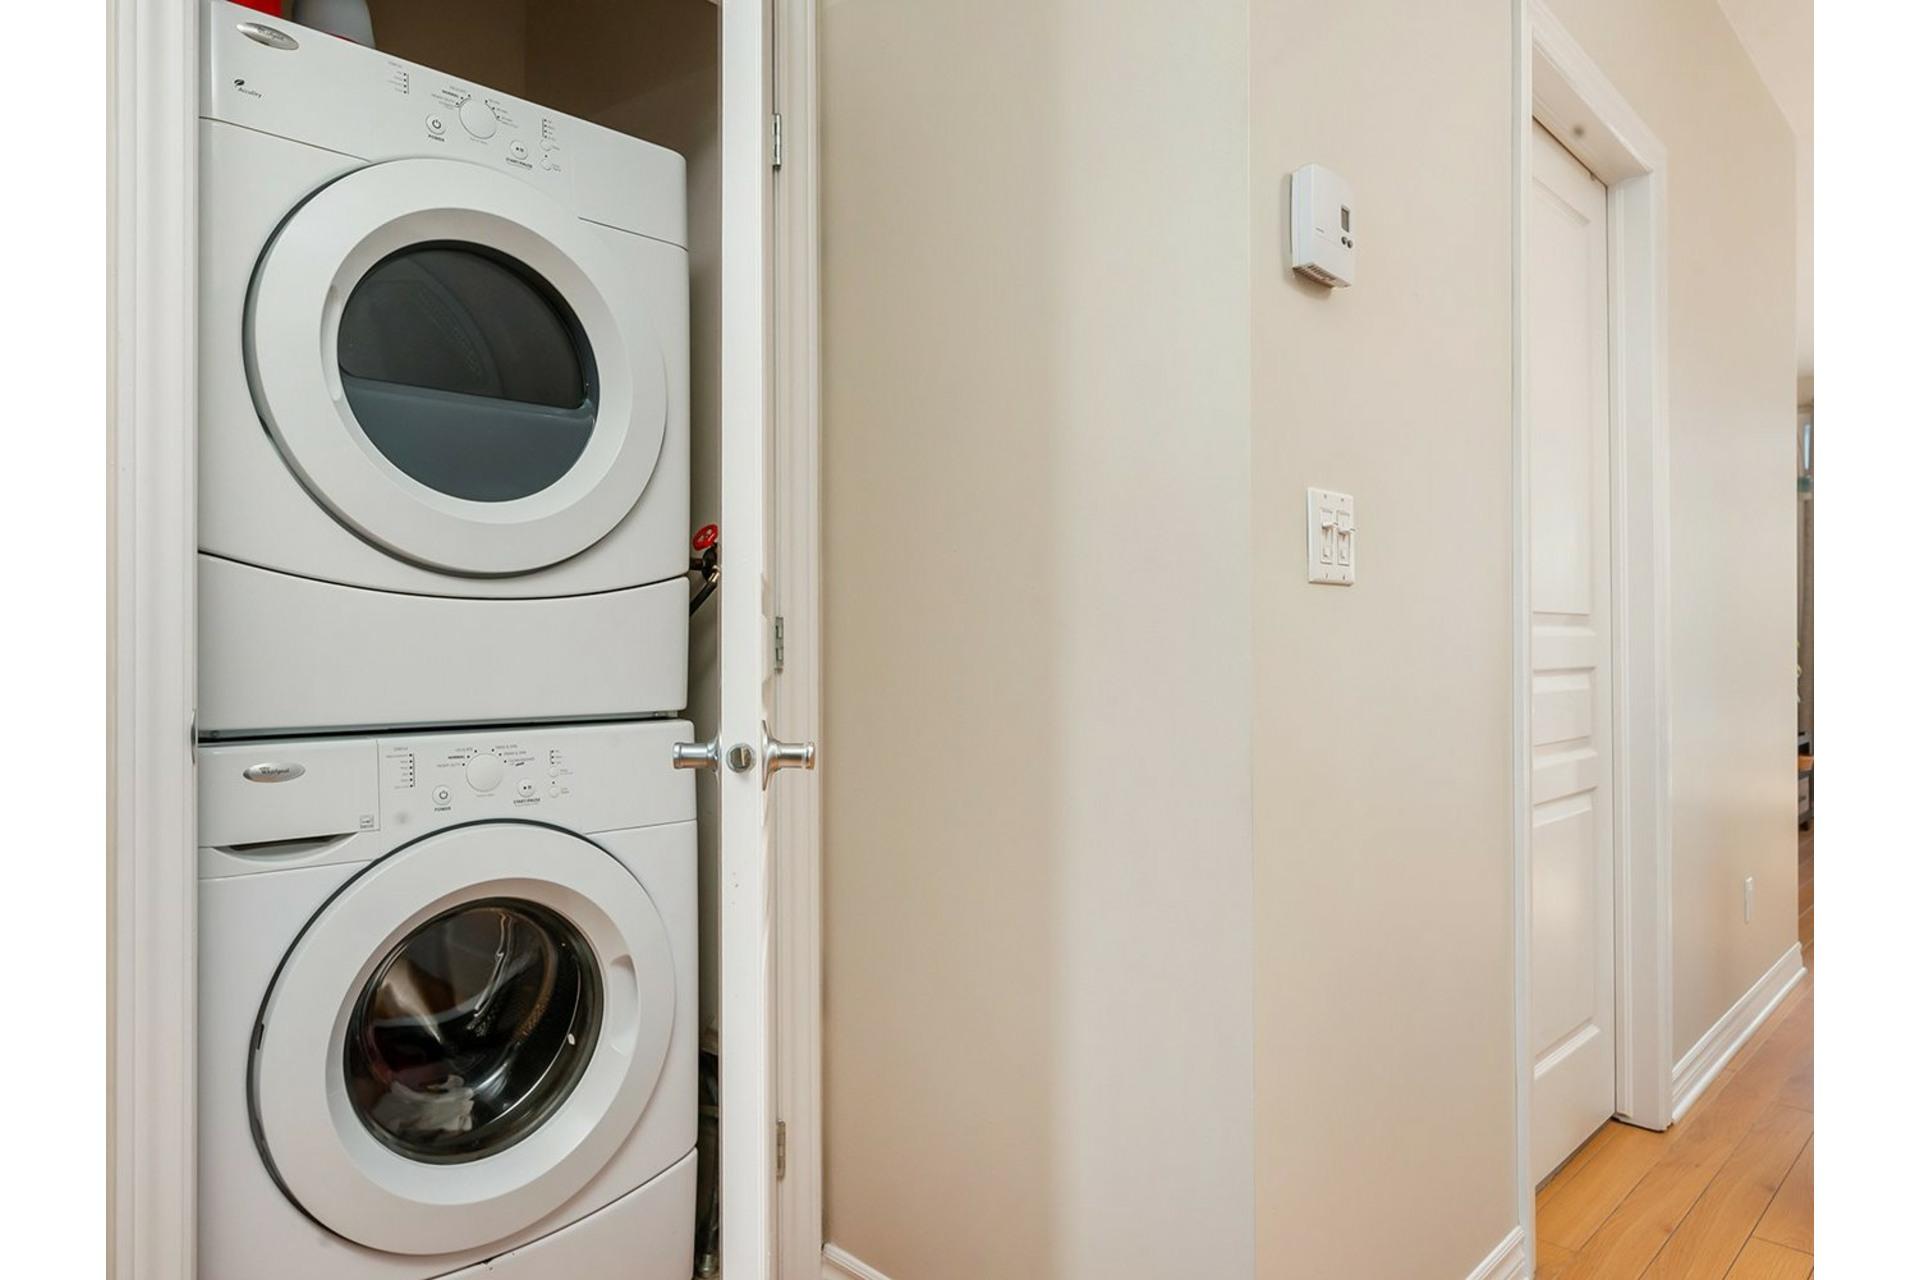 image 21 - Appartement À vendre Rosemont/La Petite-Patrie Montréal  - 6 pièces